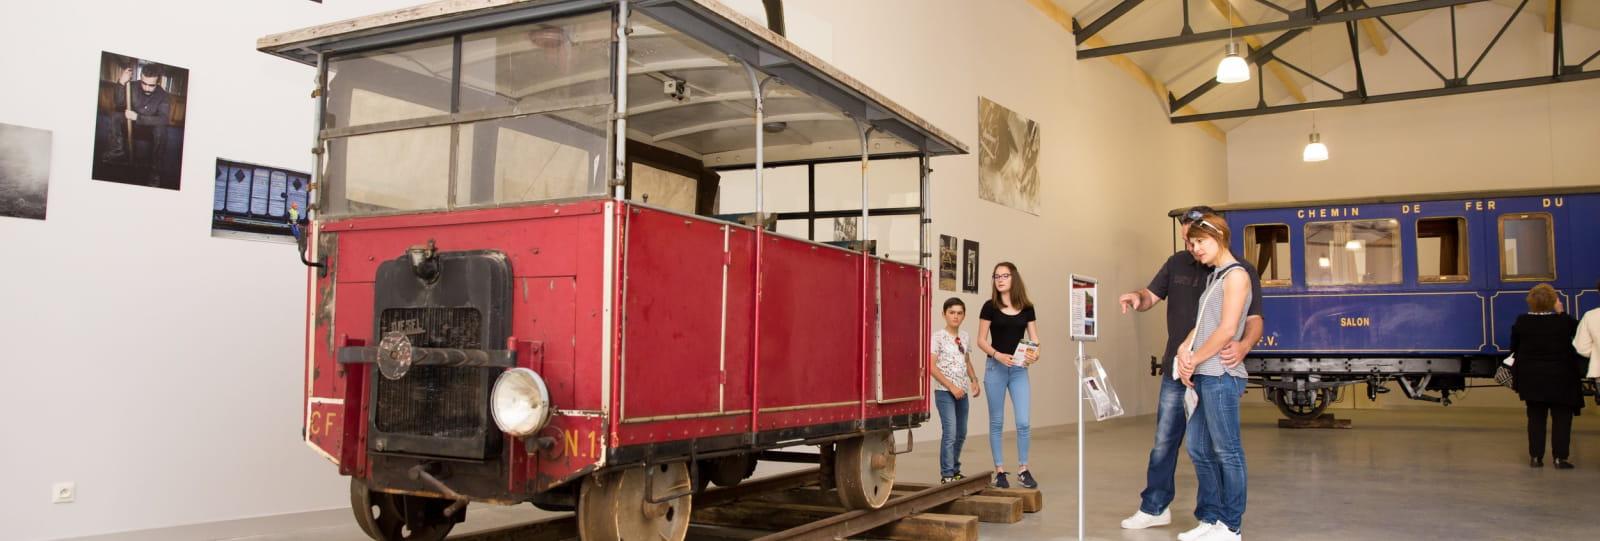 espace de découverte du chemin de fer_Train de l'Ardèche